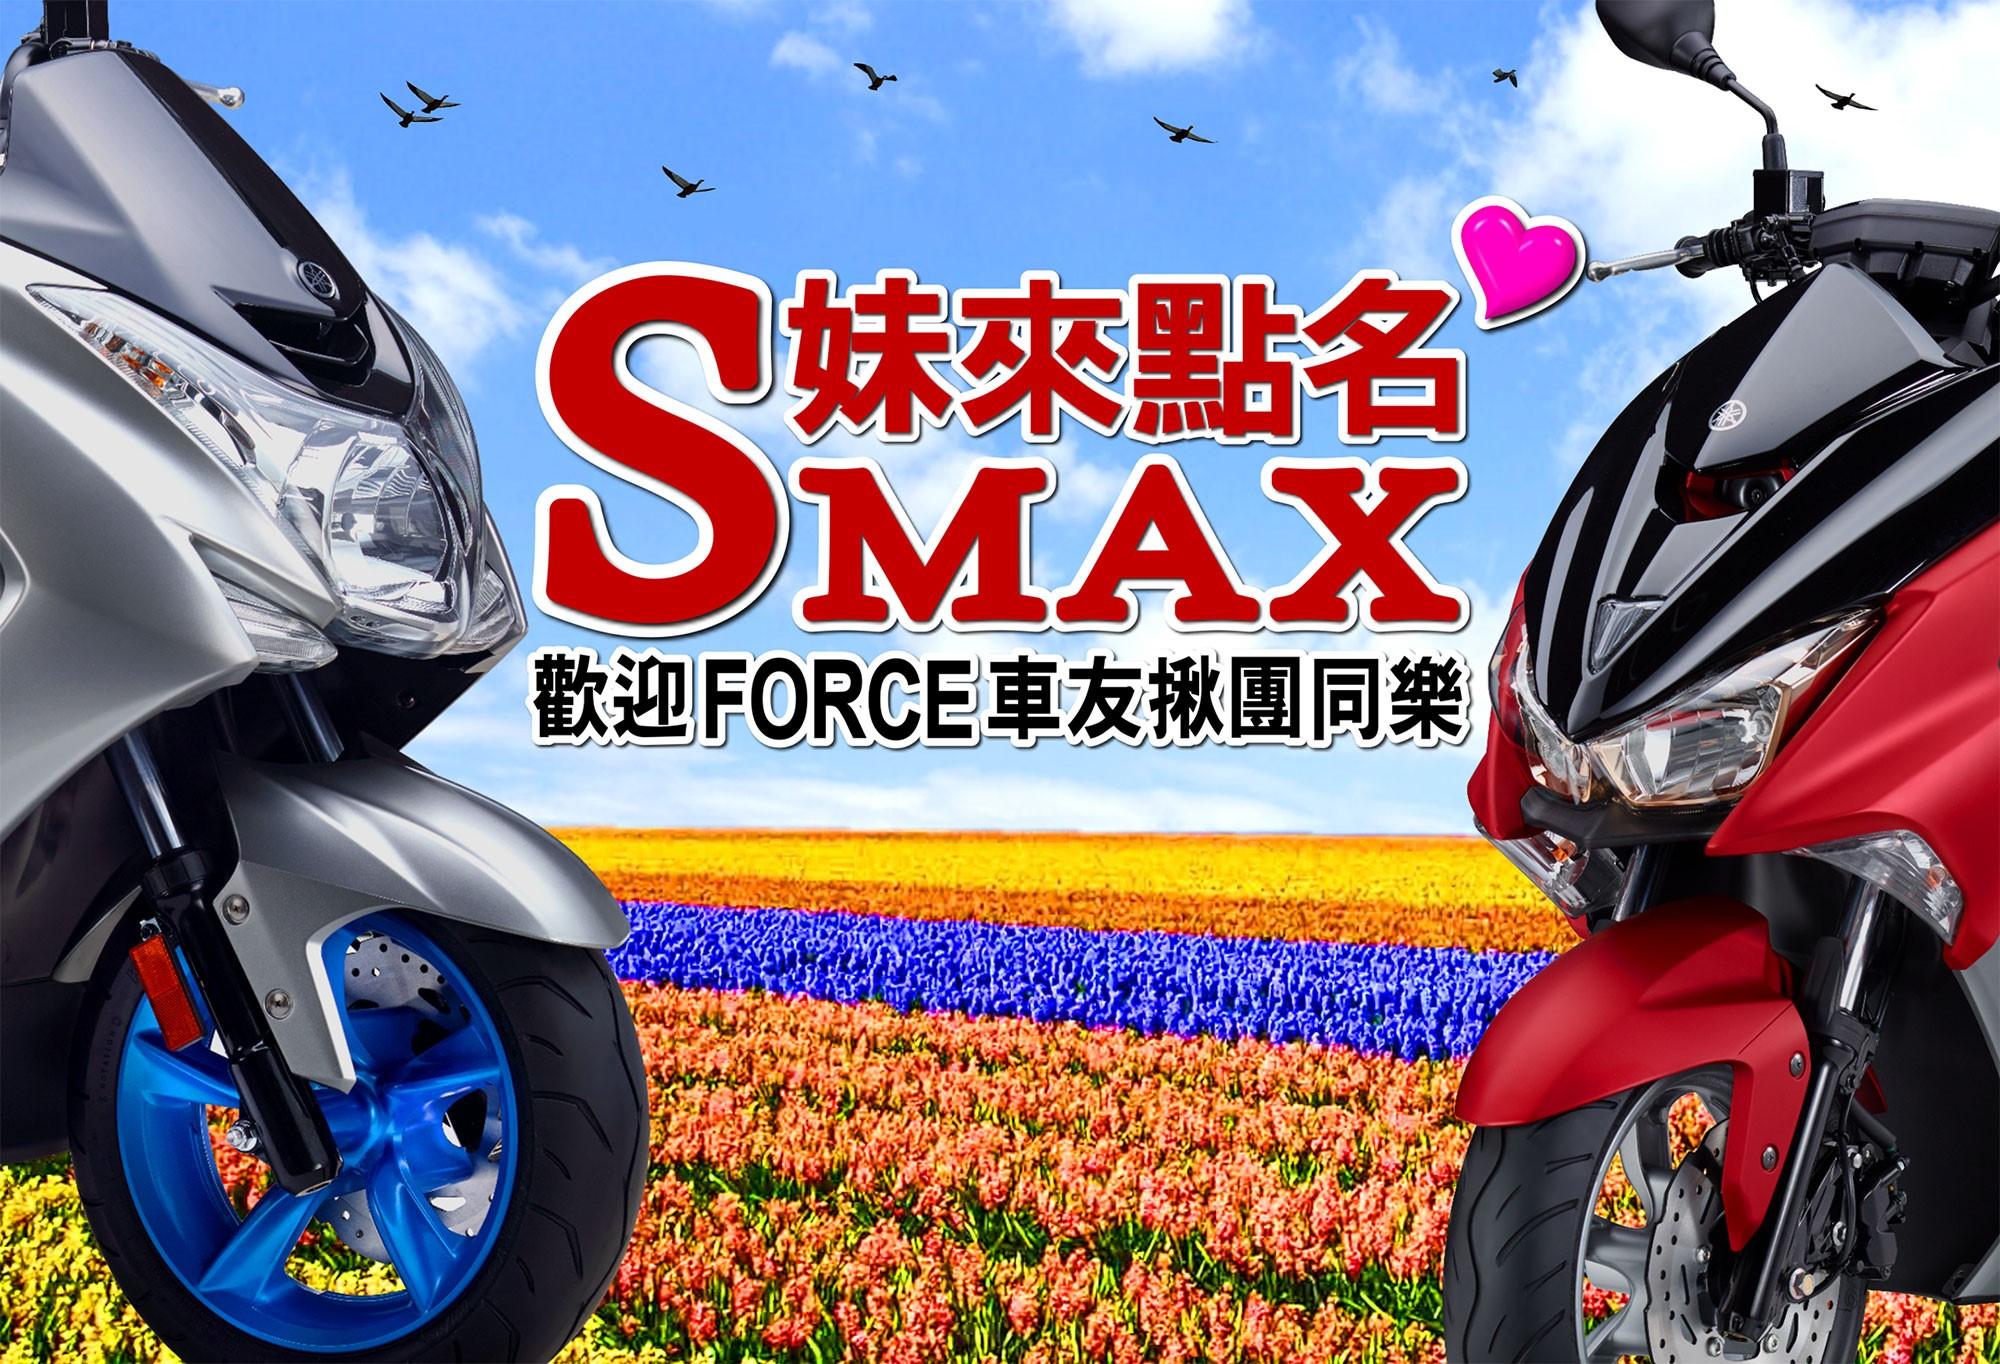 SMAX及FORCE開心揪團,S妹親臨點名!